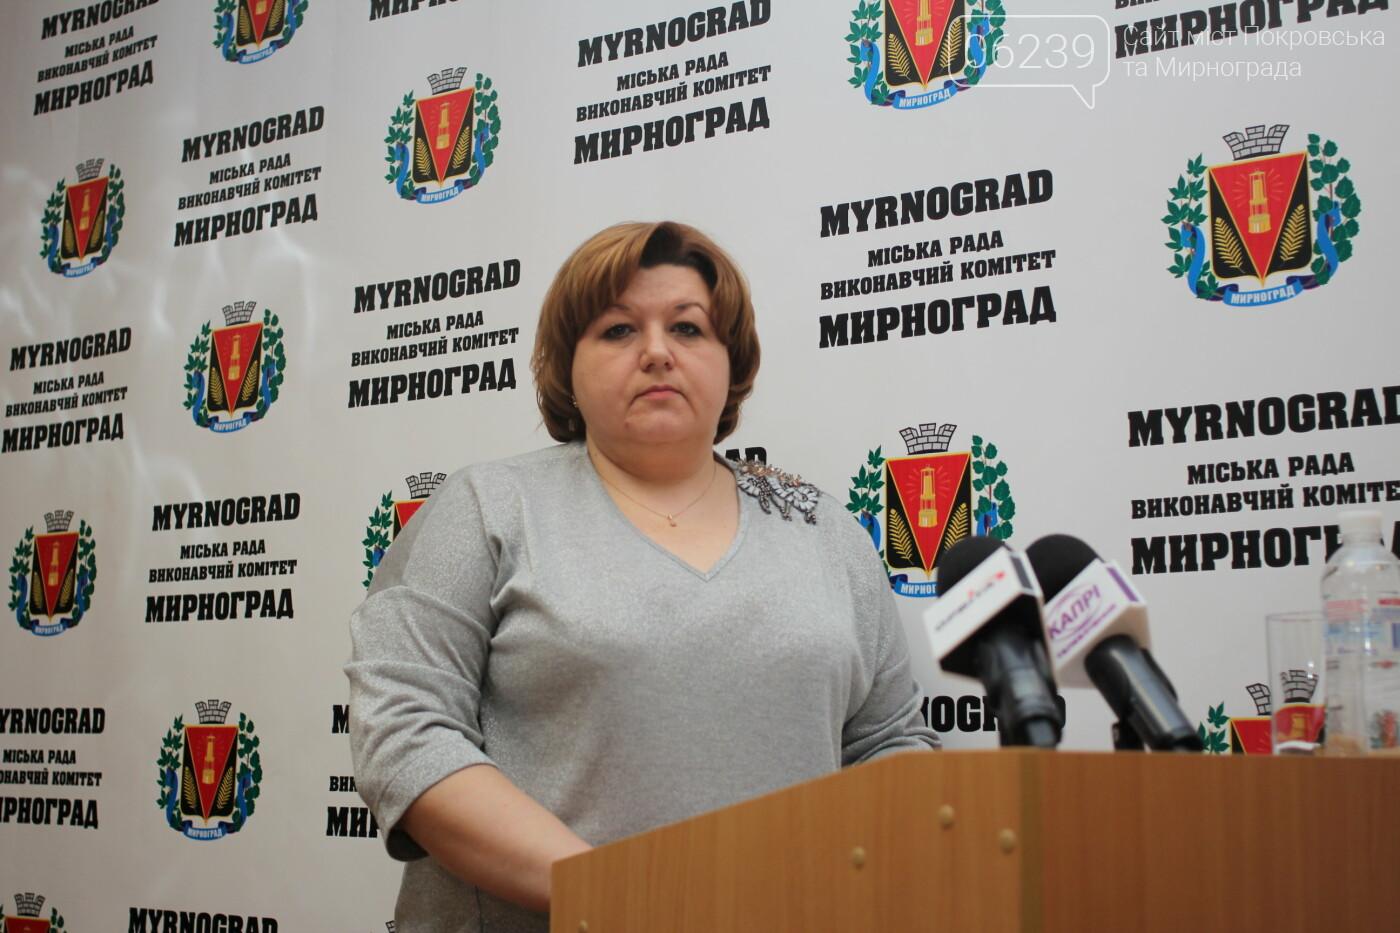 Изменения в бюджете и новый начальник отдела здравоохранения: в Мирнограде состоялась 72-я сессия горсовета, фото-5